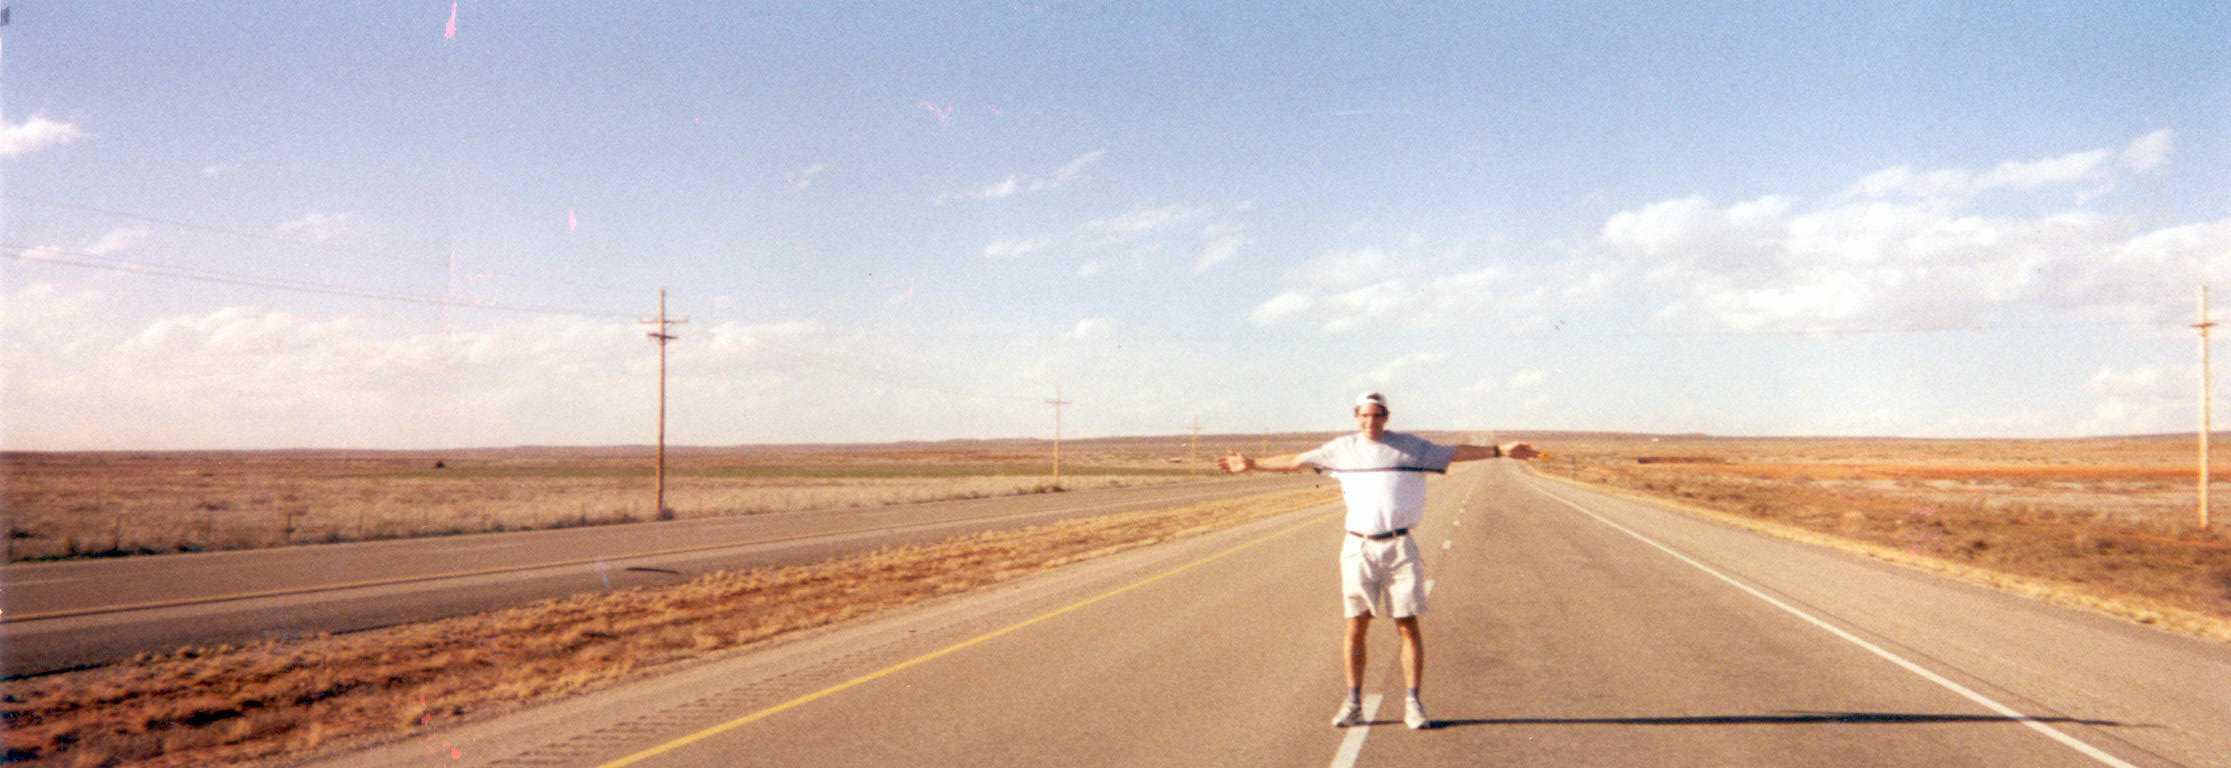 Dans le désert du Névada